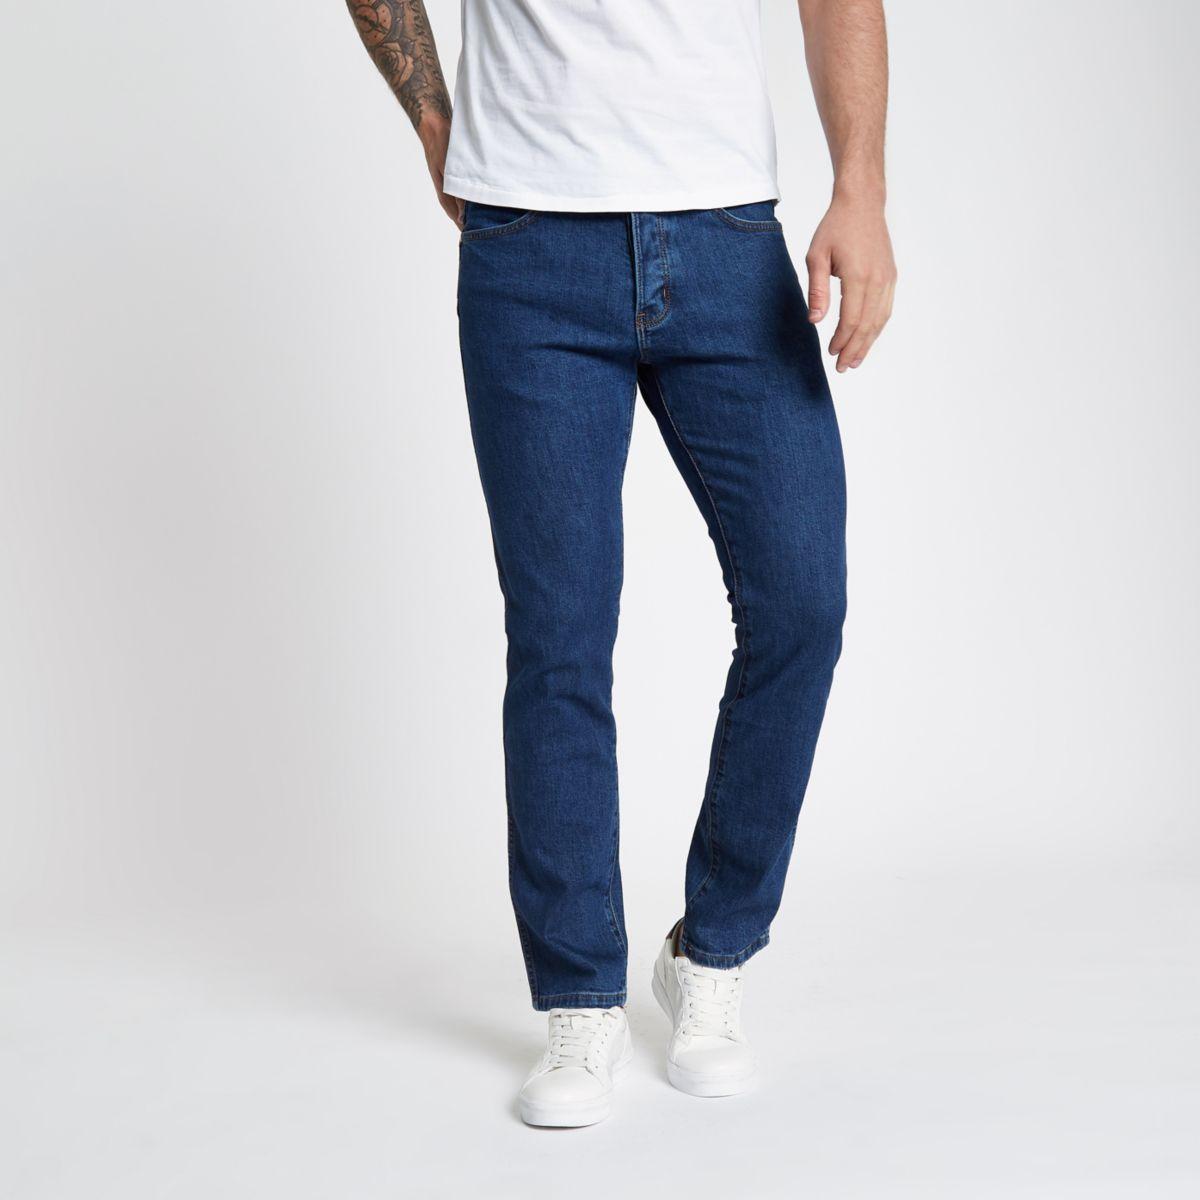 Blue Wrangler Spencer jeans